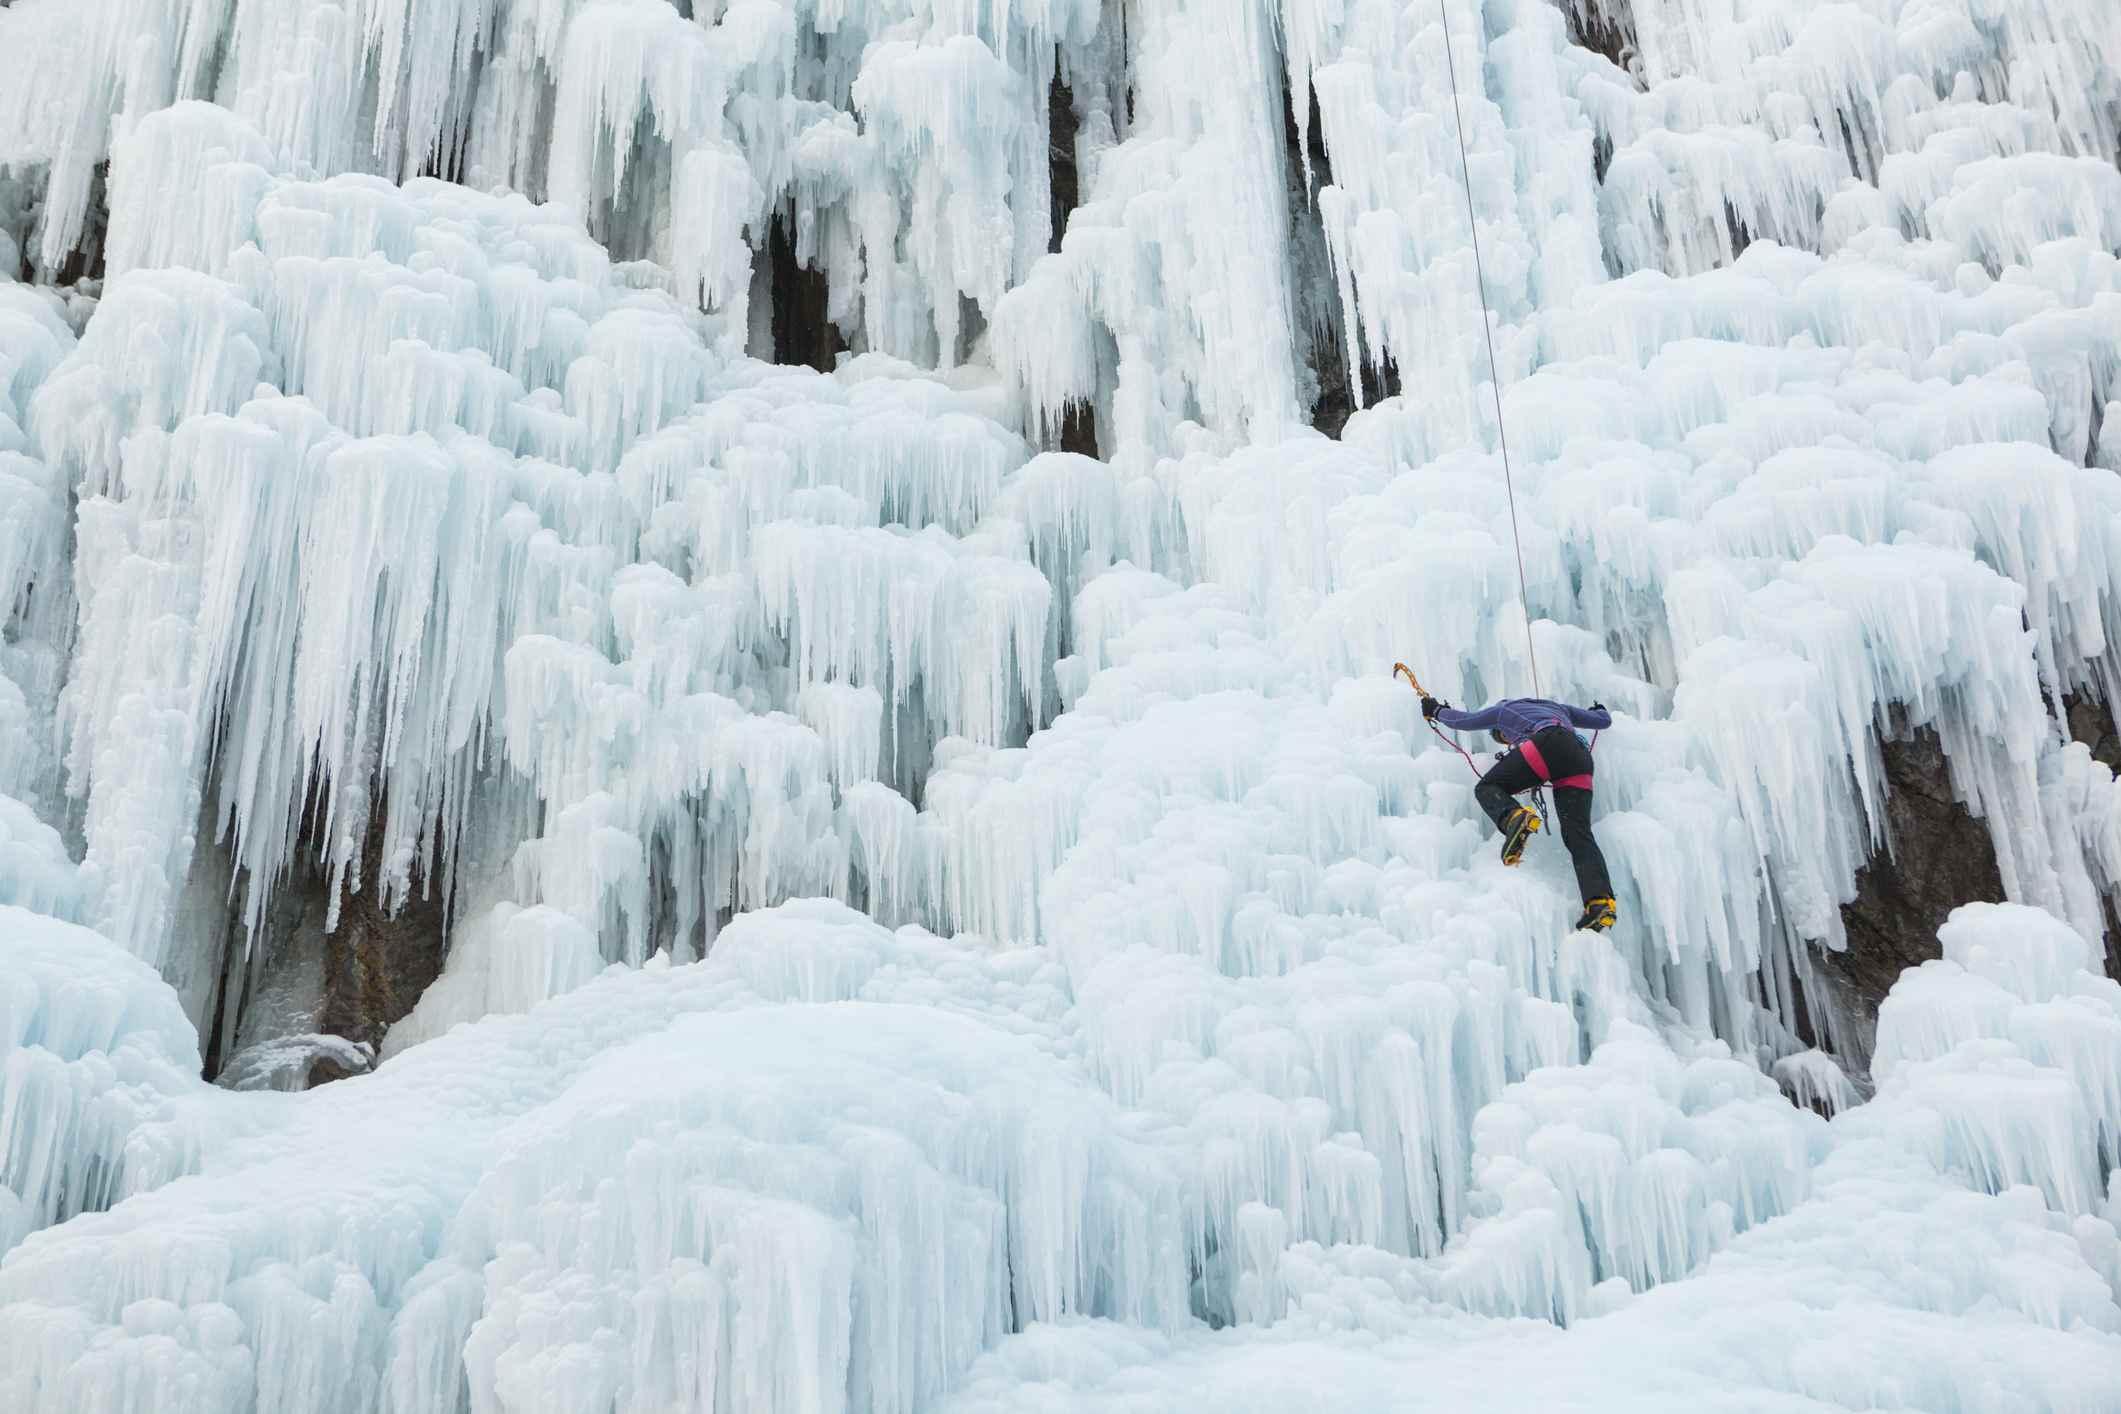 Parque de hielo Ouray